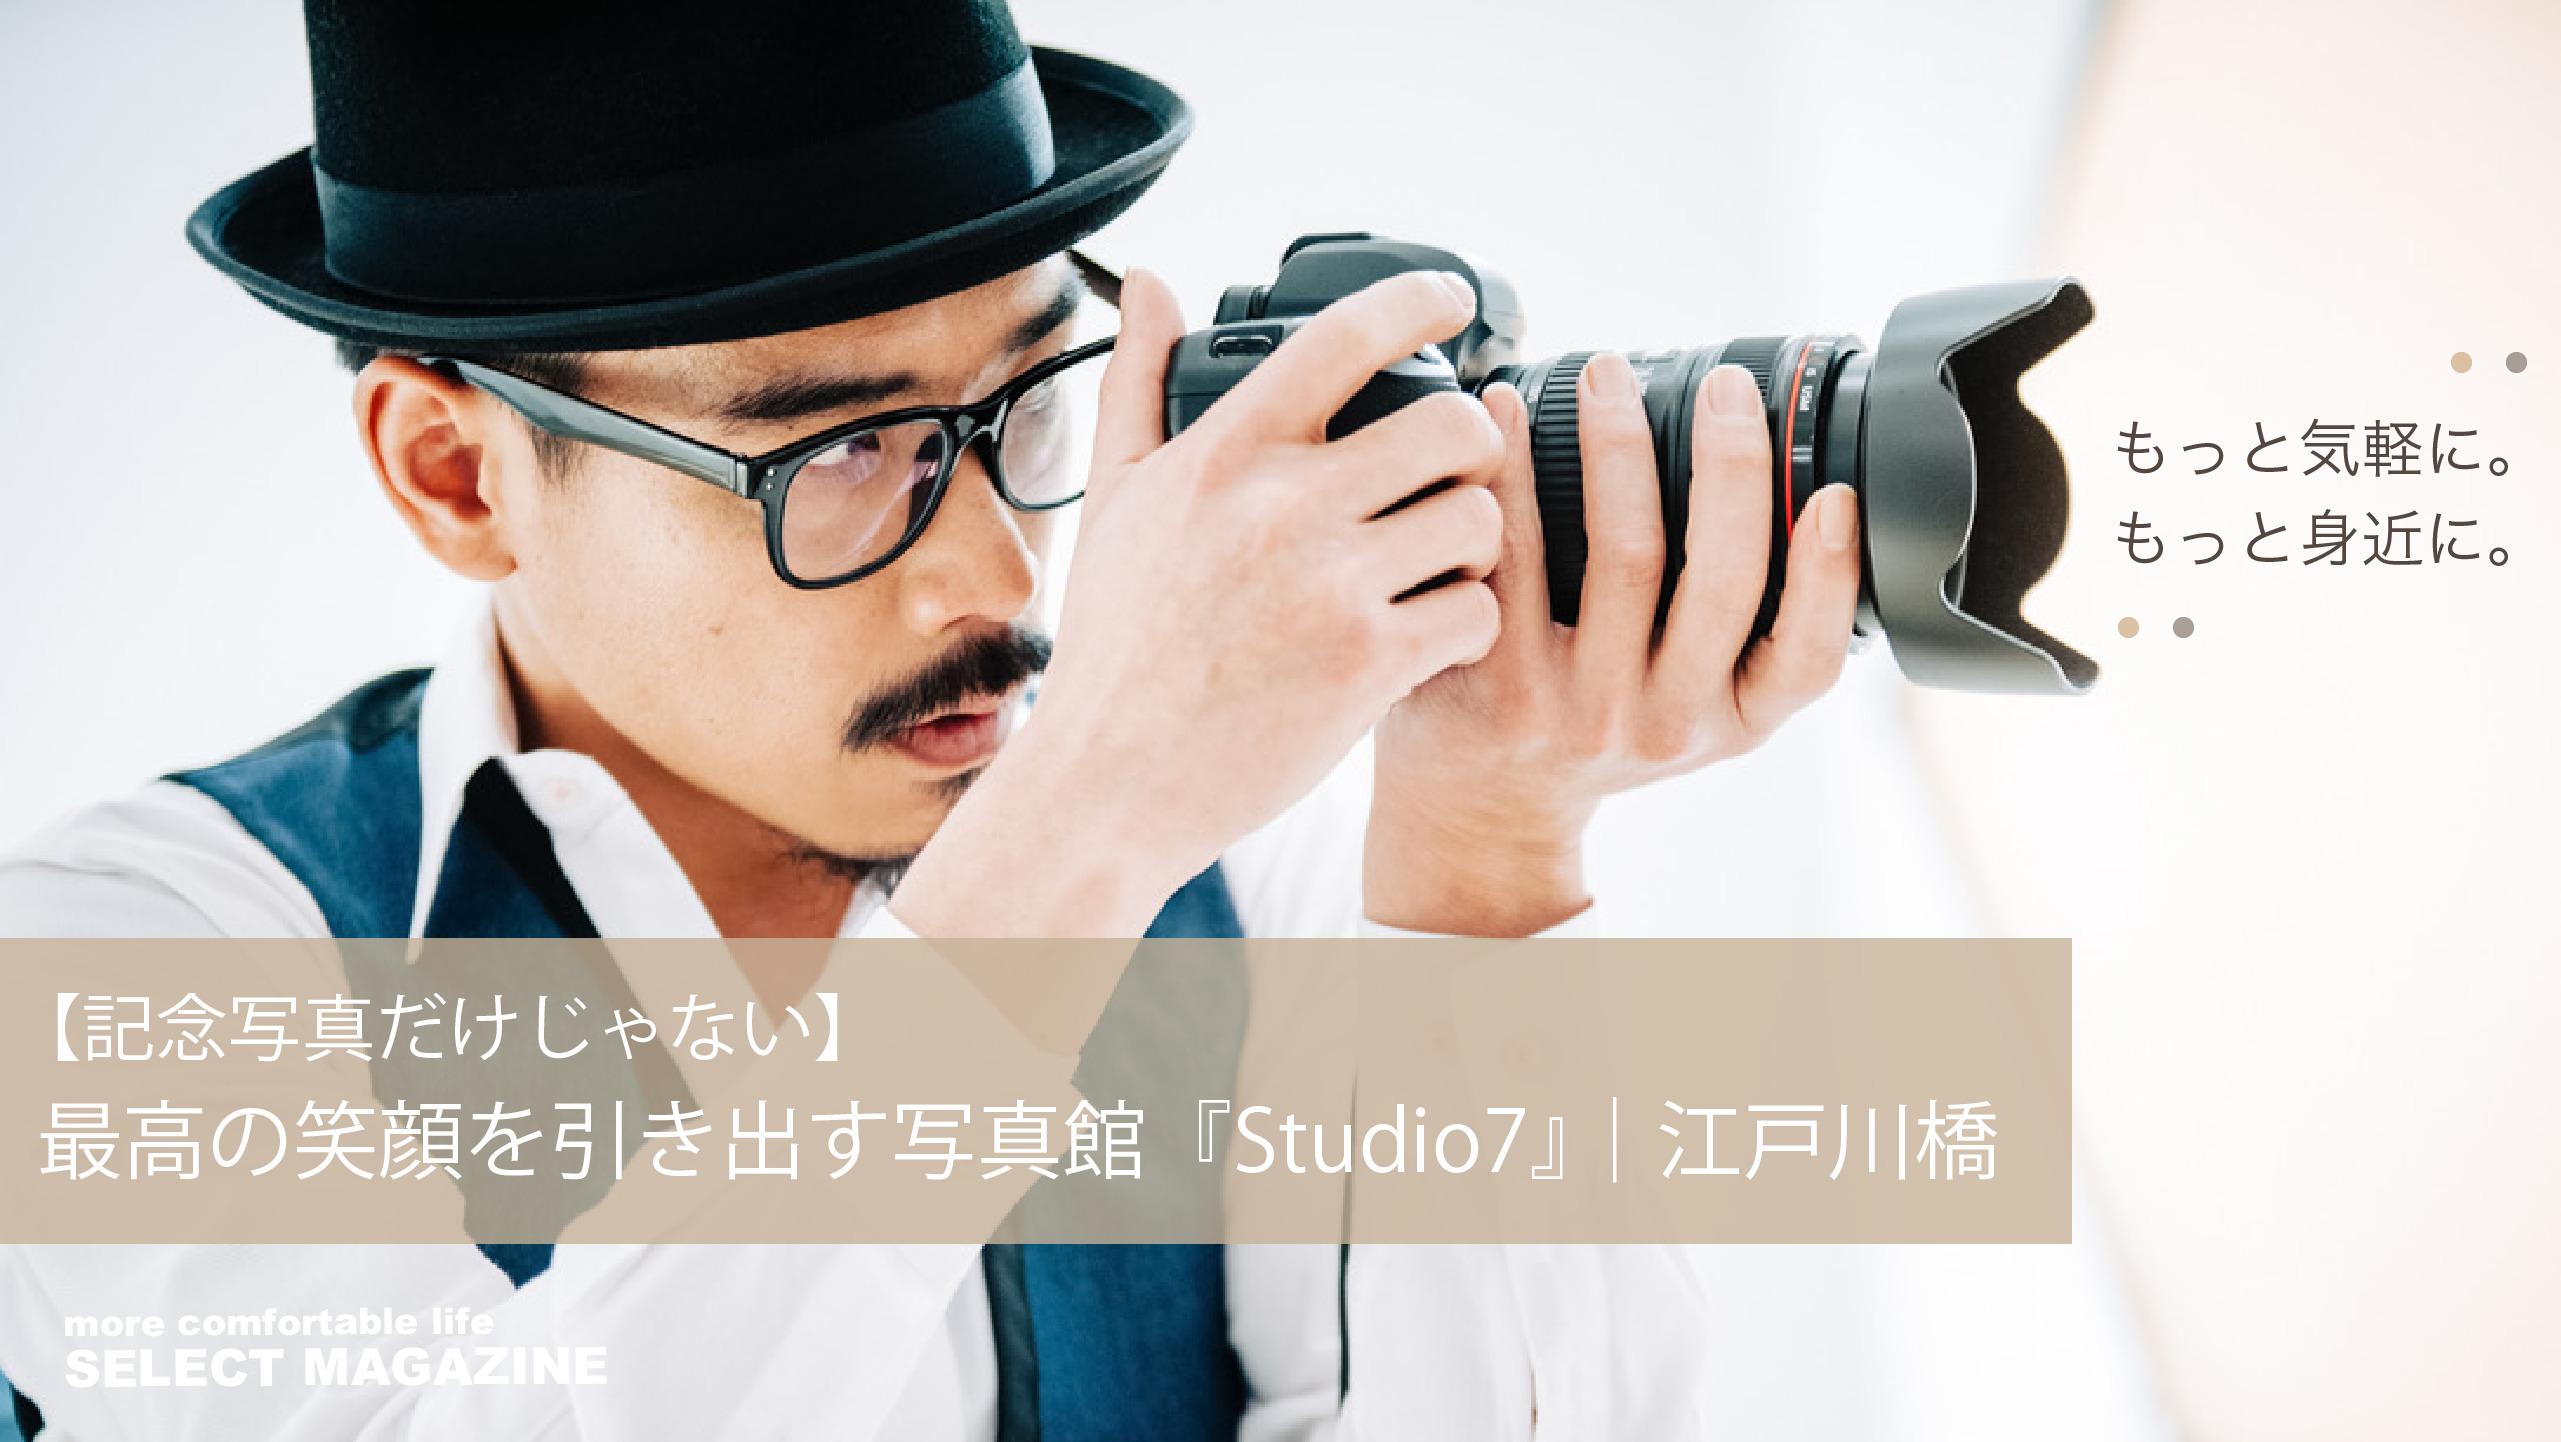 【記念写真だけじゃない】もっと気軽に!もっと身近に!最高の笑顔を引き出す写真館『Studio7』|江戸川橋